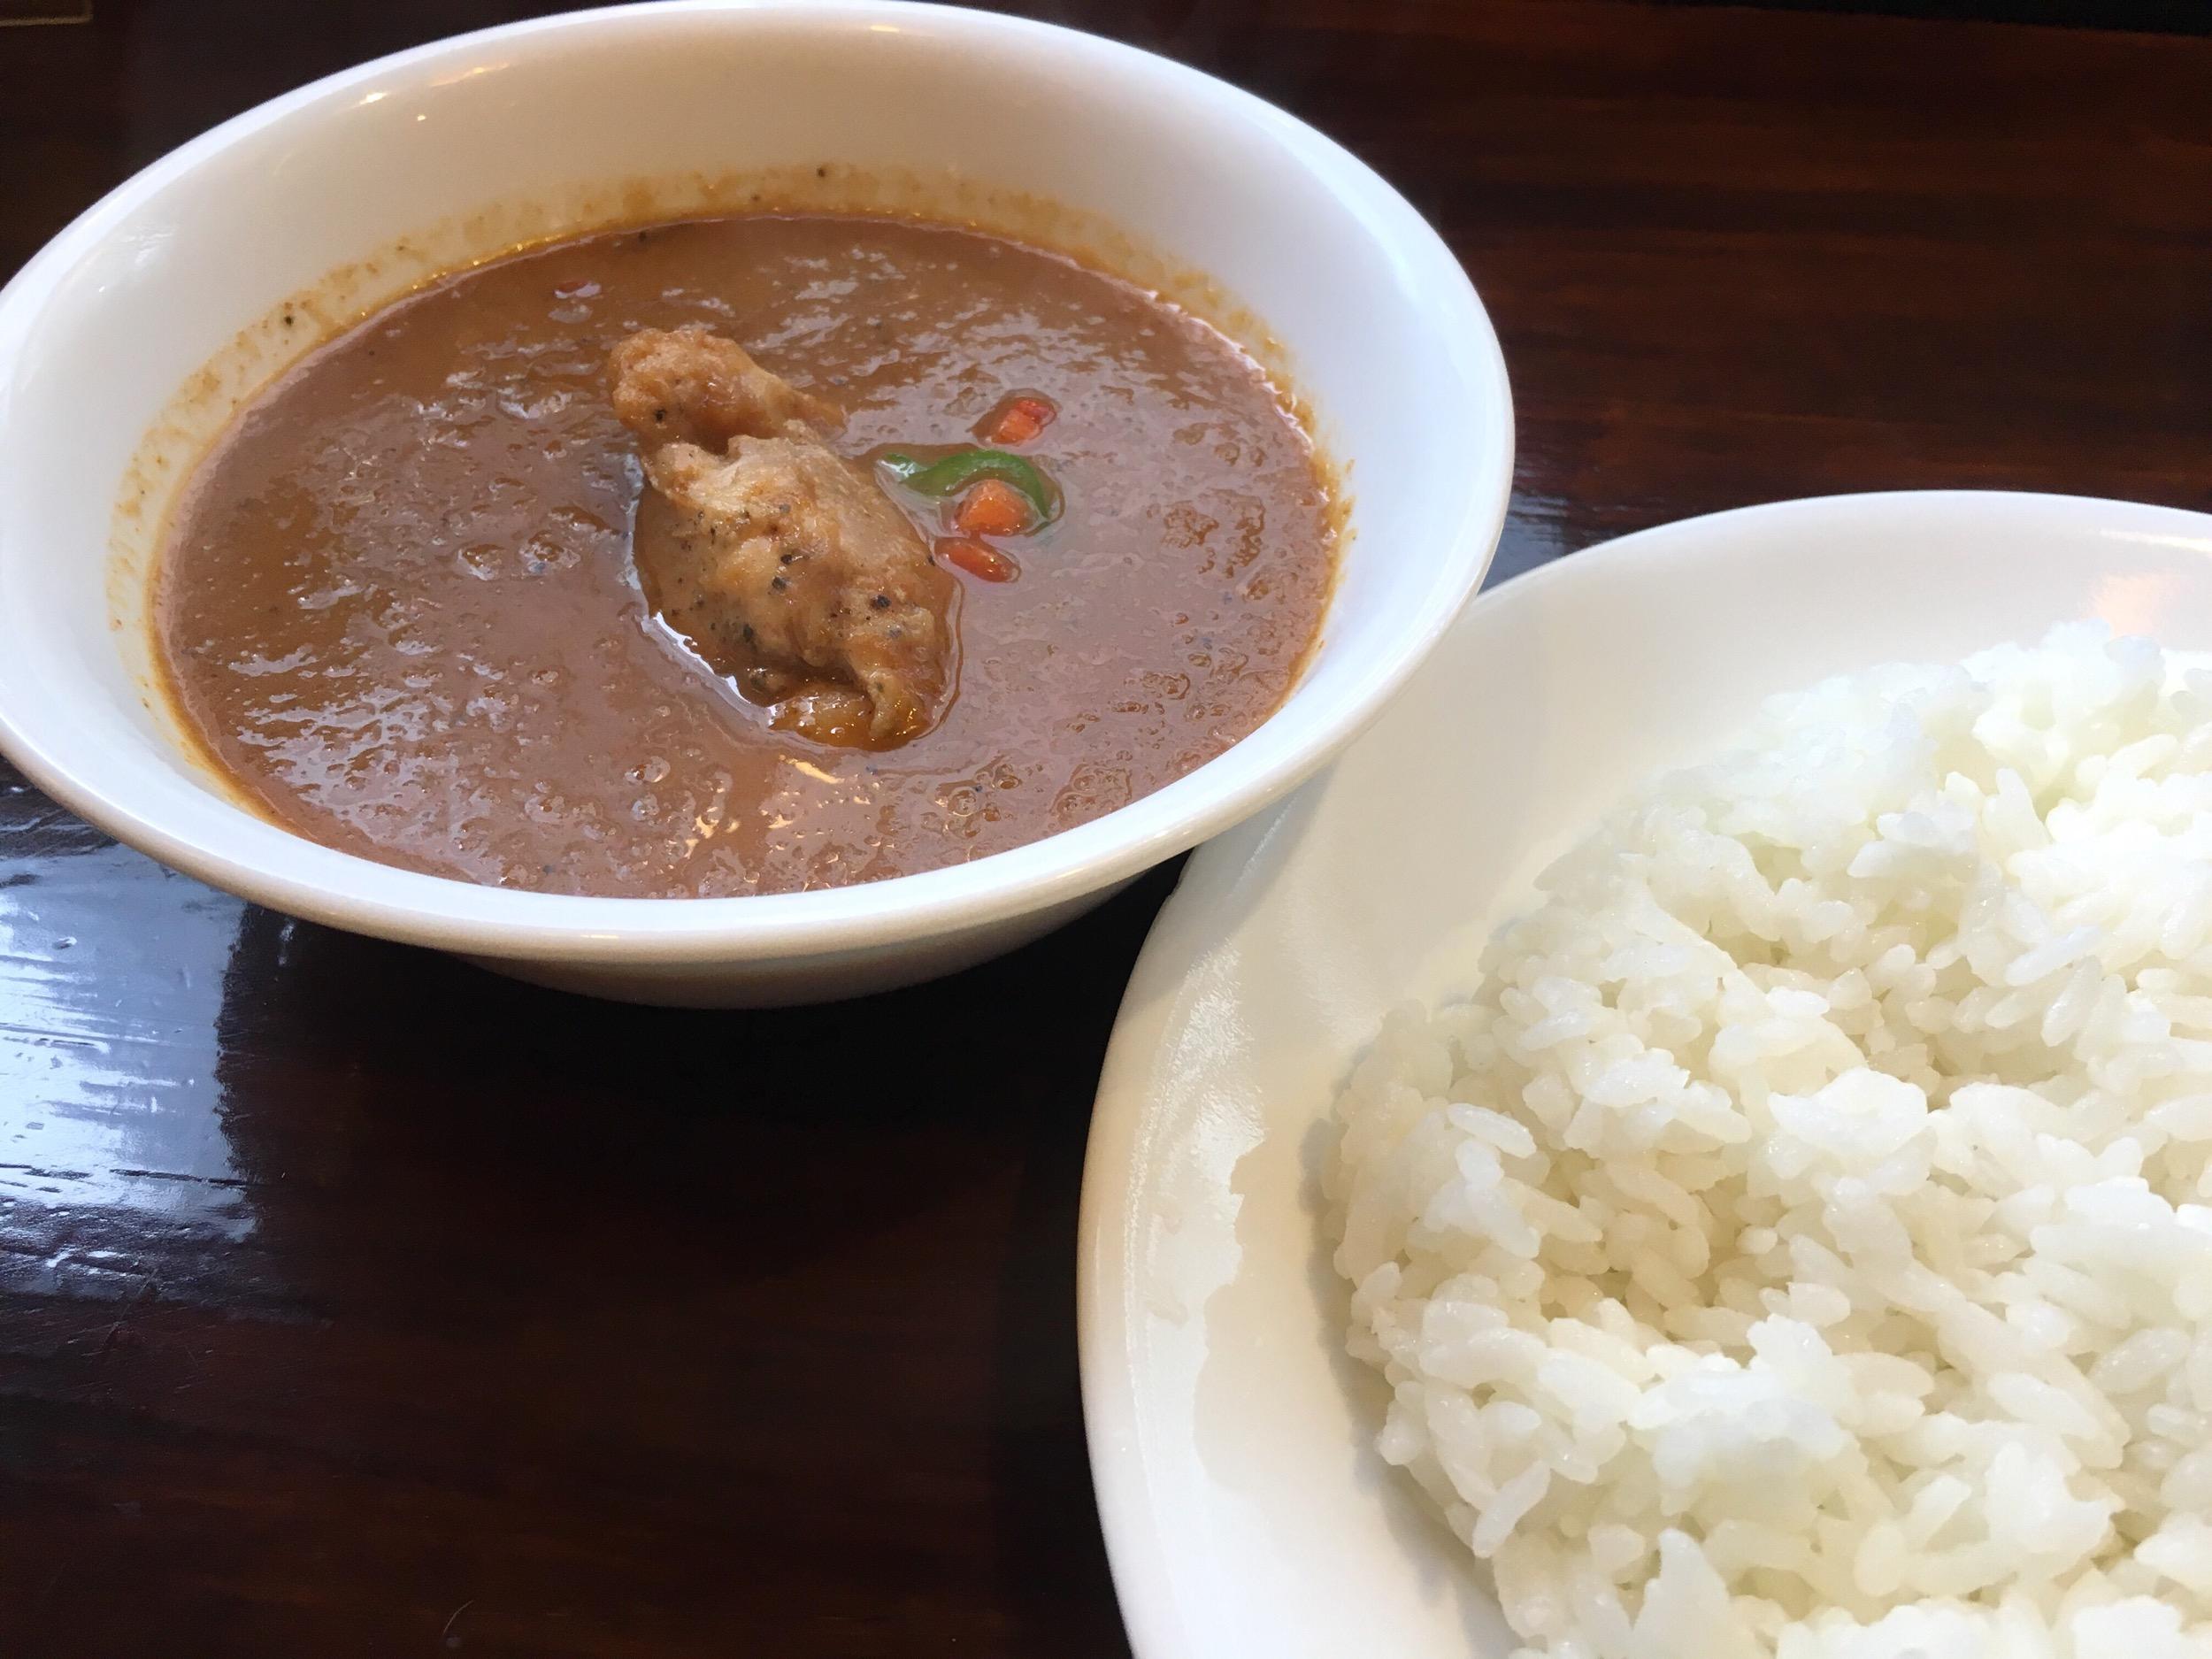 爽やかなるスパイス!辛いけど美味いこだわりのカレー。@curry 草枕(新宿御苑)